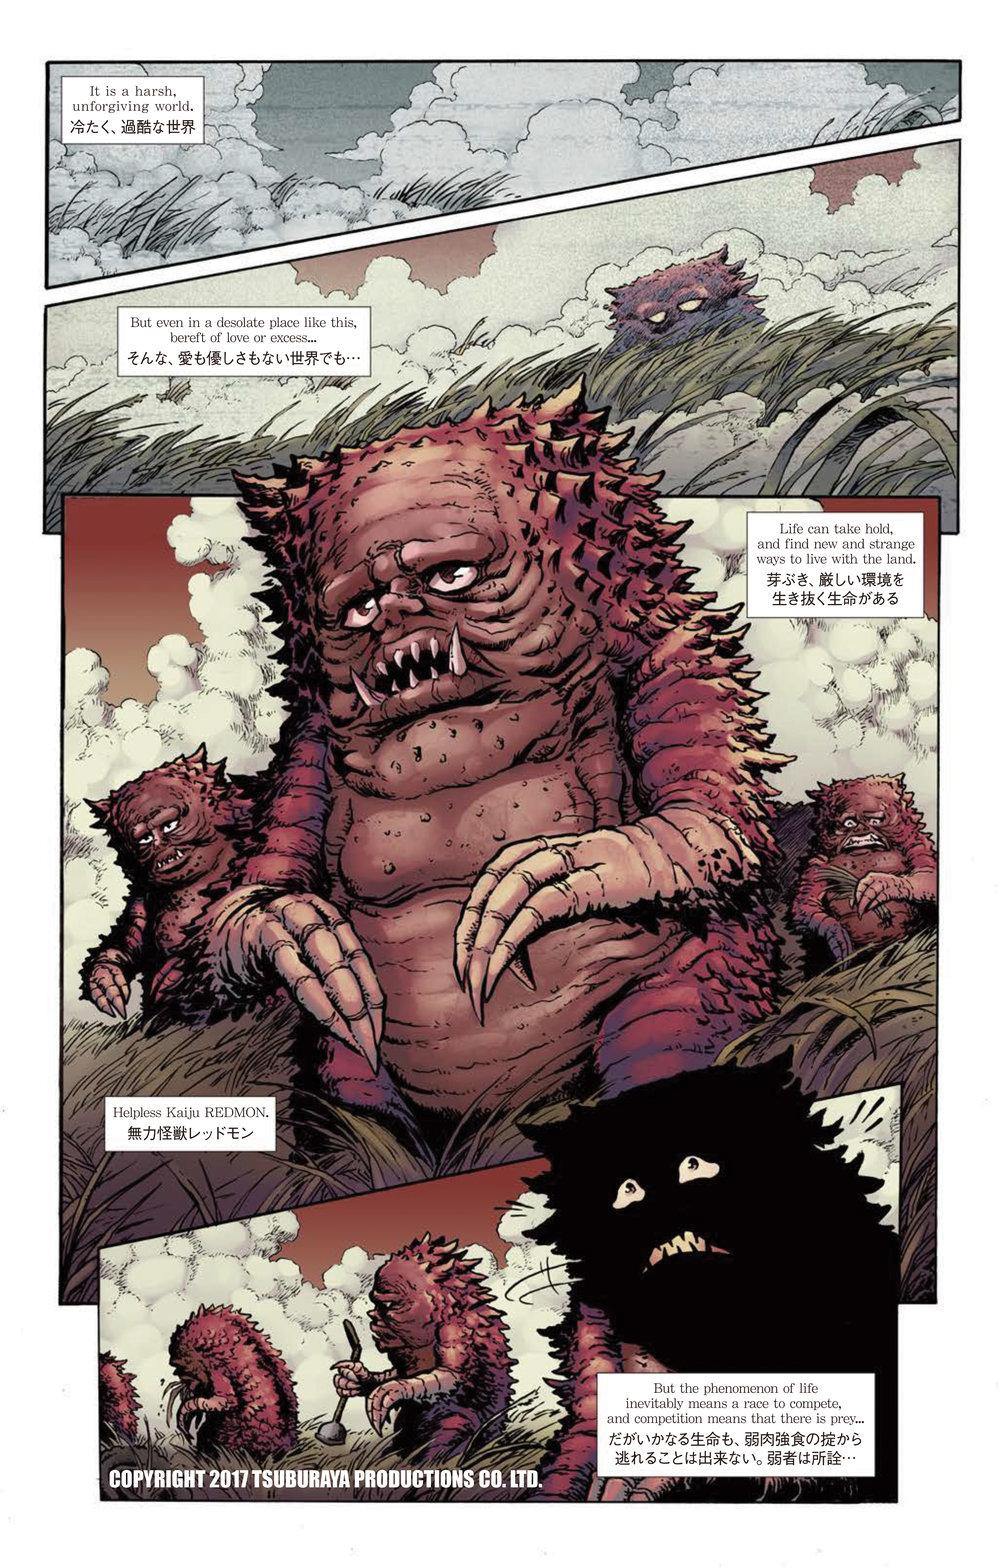 レッドマンコミック-3.jpg